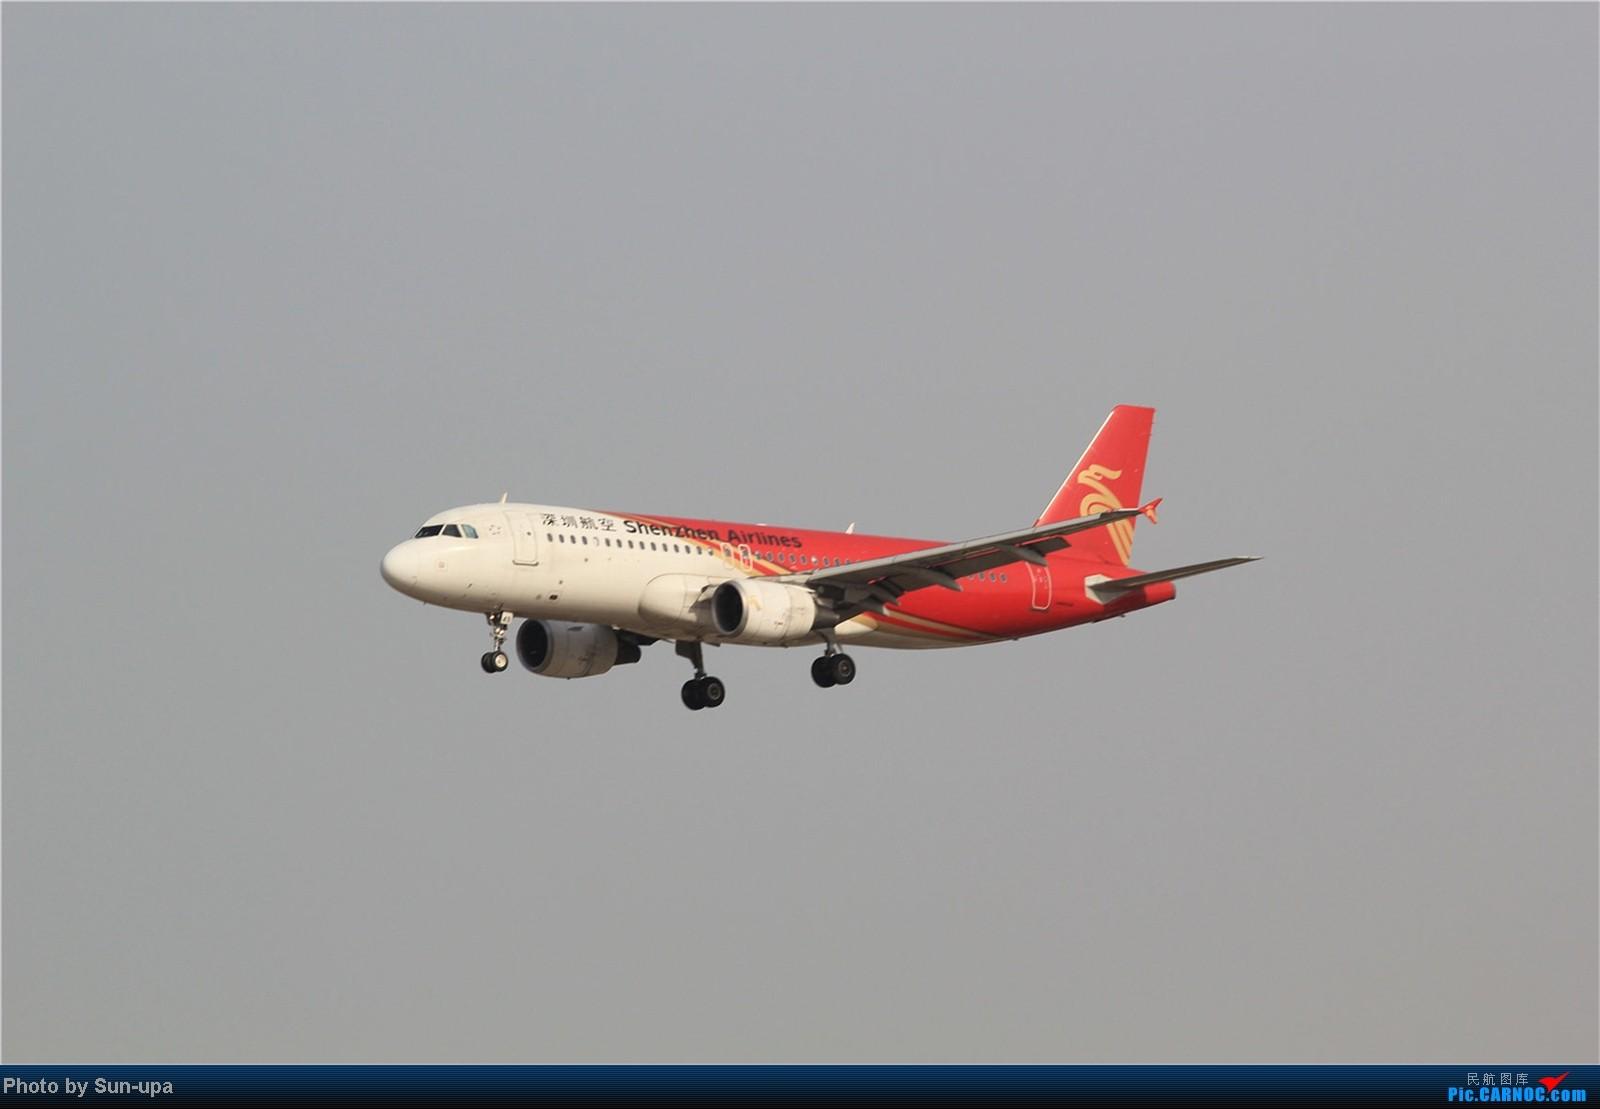 [原创]【Sun-upa】老图新发 前段时间pek杂图+11.7机场内随拍 AIRBUS A320-200  中国北京首都机场